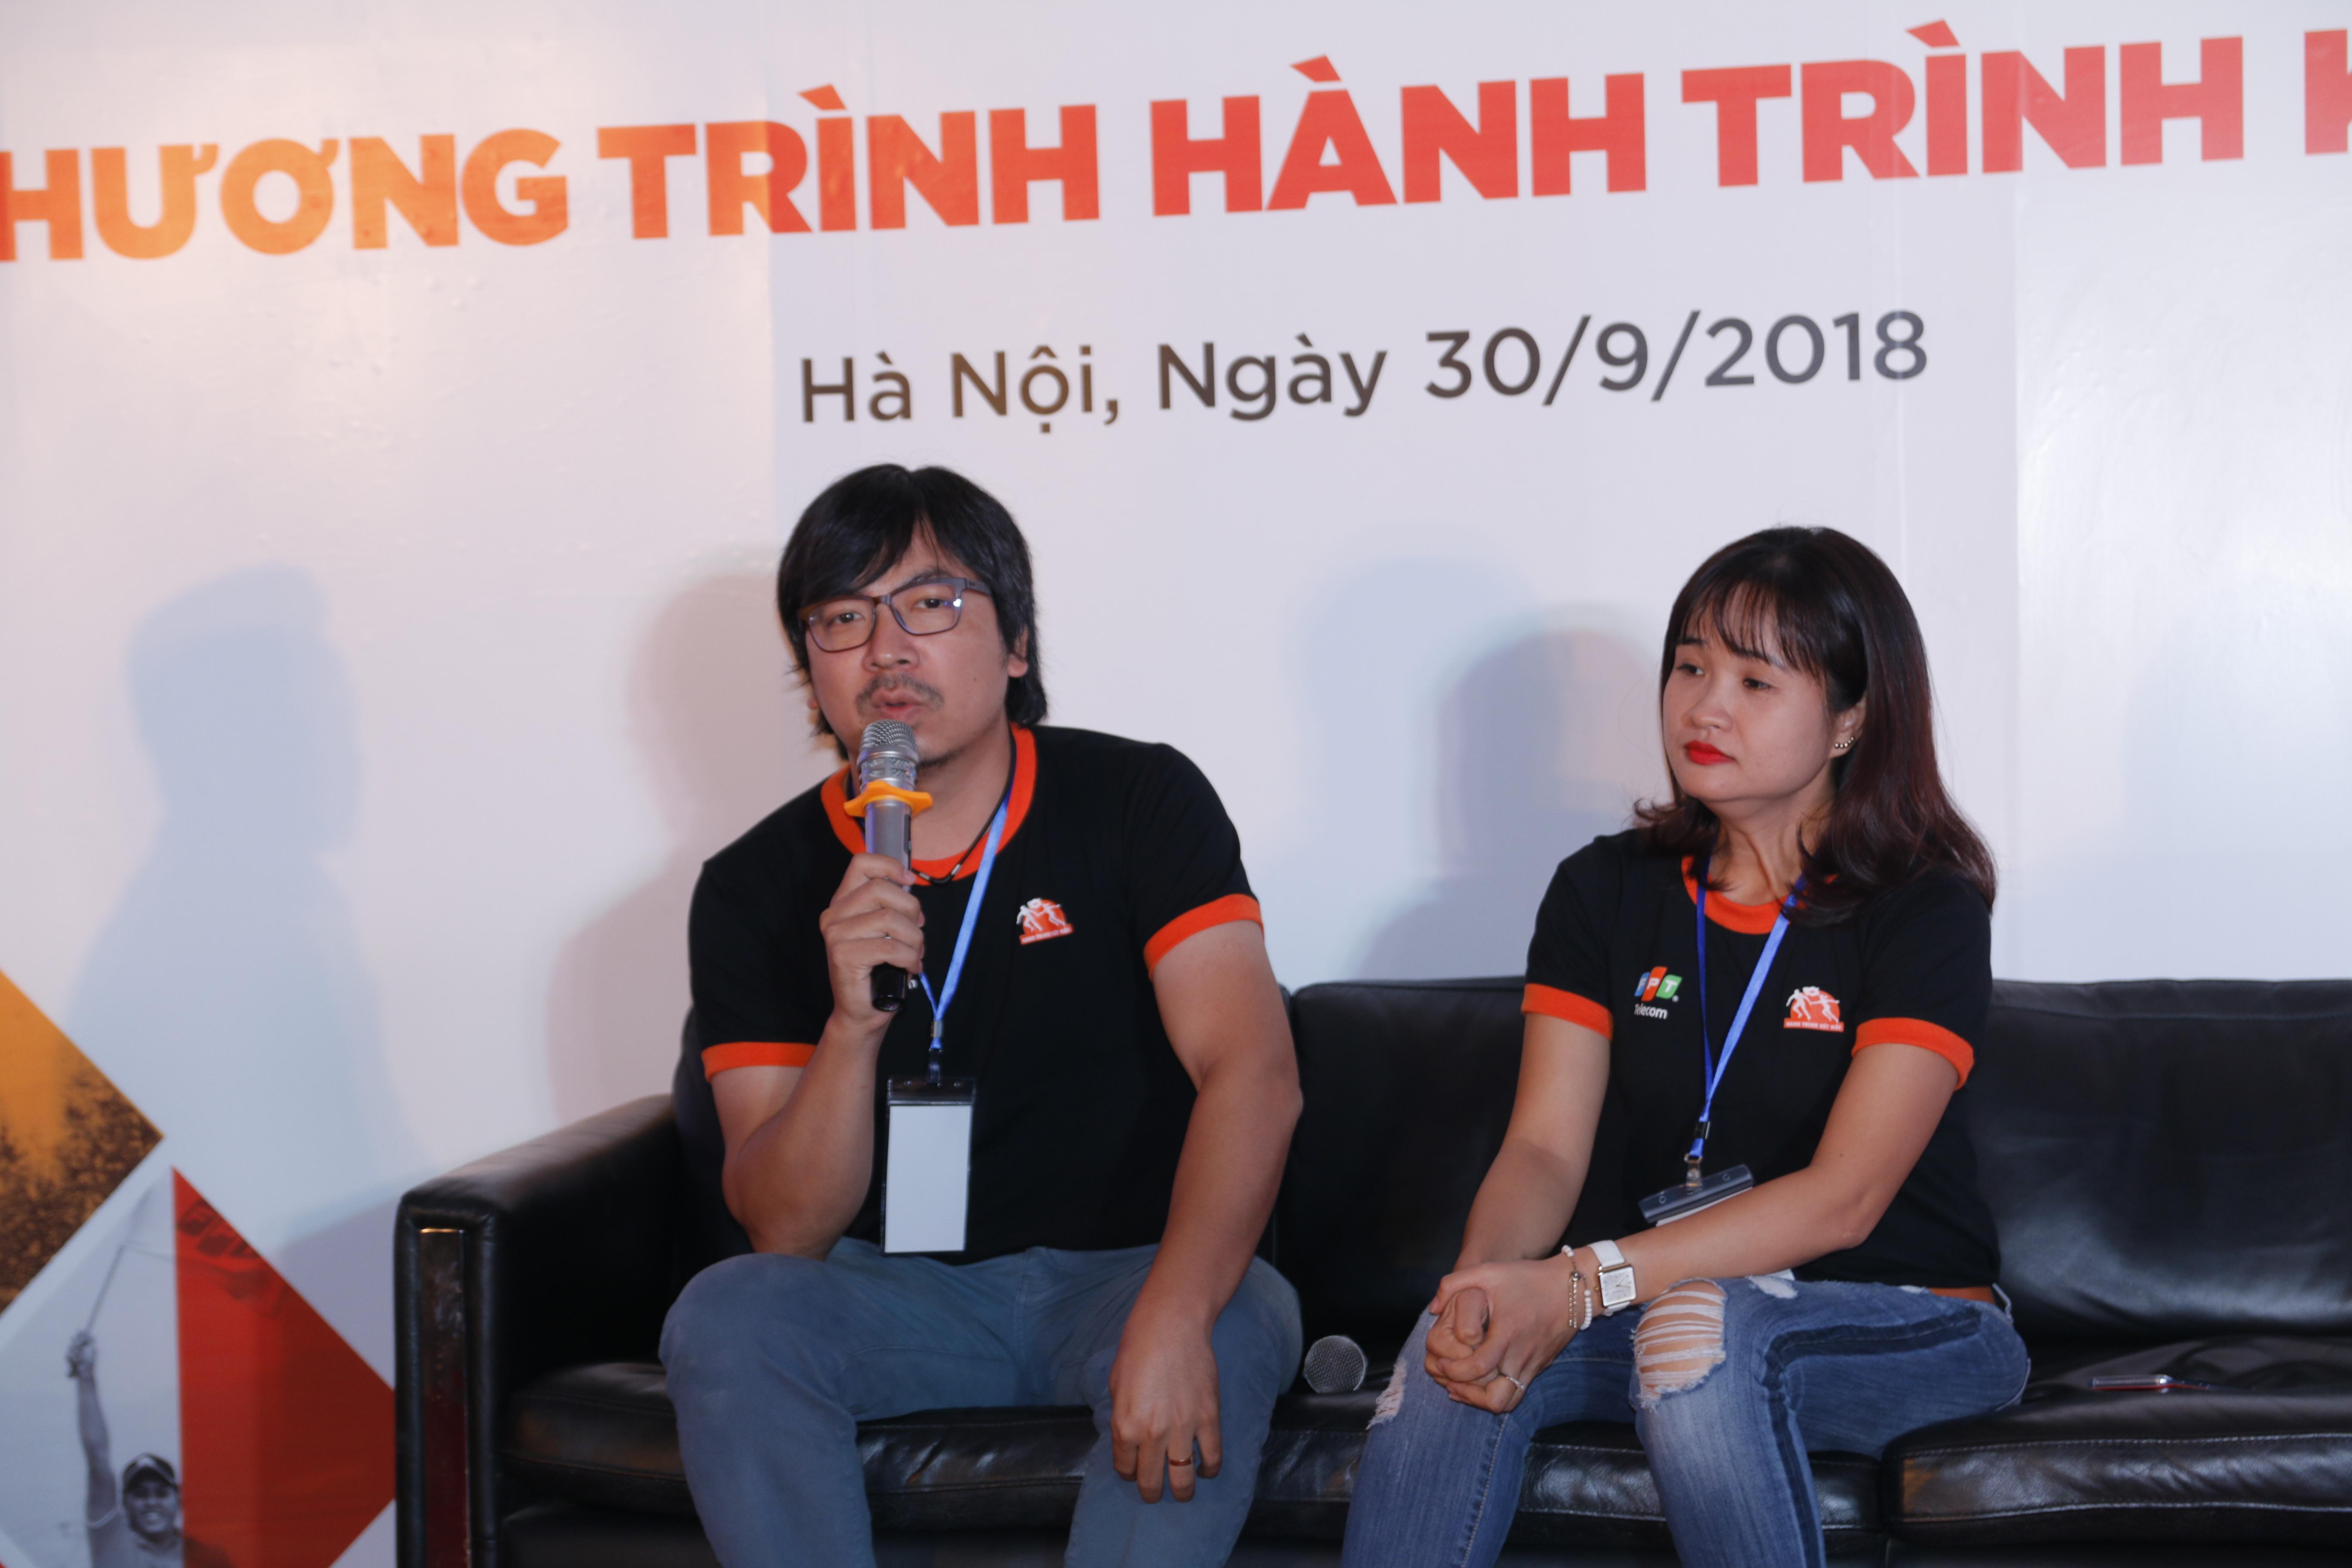 """""""Hành trình kết nối"""" là giải chạy tiếp sức xuyên Việt của 3.000 CBNV FPT trong 31 ngày, chào mừng 30 năm thành lập FPT. Hành trình thể hiện tinh thần tiên phong vượt qua các giới hạn và thách thức mới và là kim chỉ nam trong chặng đường 30 năm phát triển của FPT. Trong ảnh: Giám đốc Ý tưởng giải chạy - anh Đinh Tiến Dũng và Trưởng Ban tổ chức - chị Phùng Thu Trang chia sẻ các câu chuyện hậu trường của giải."""